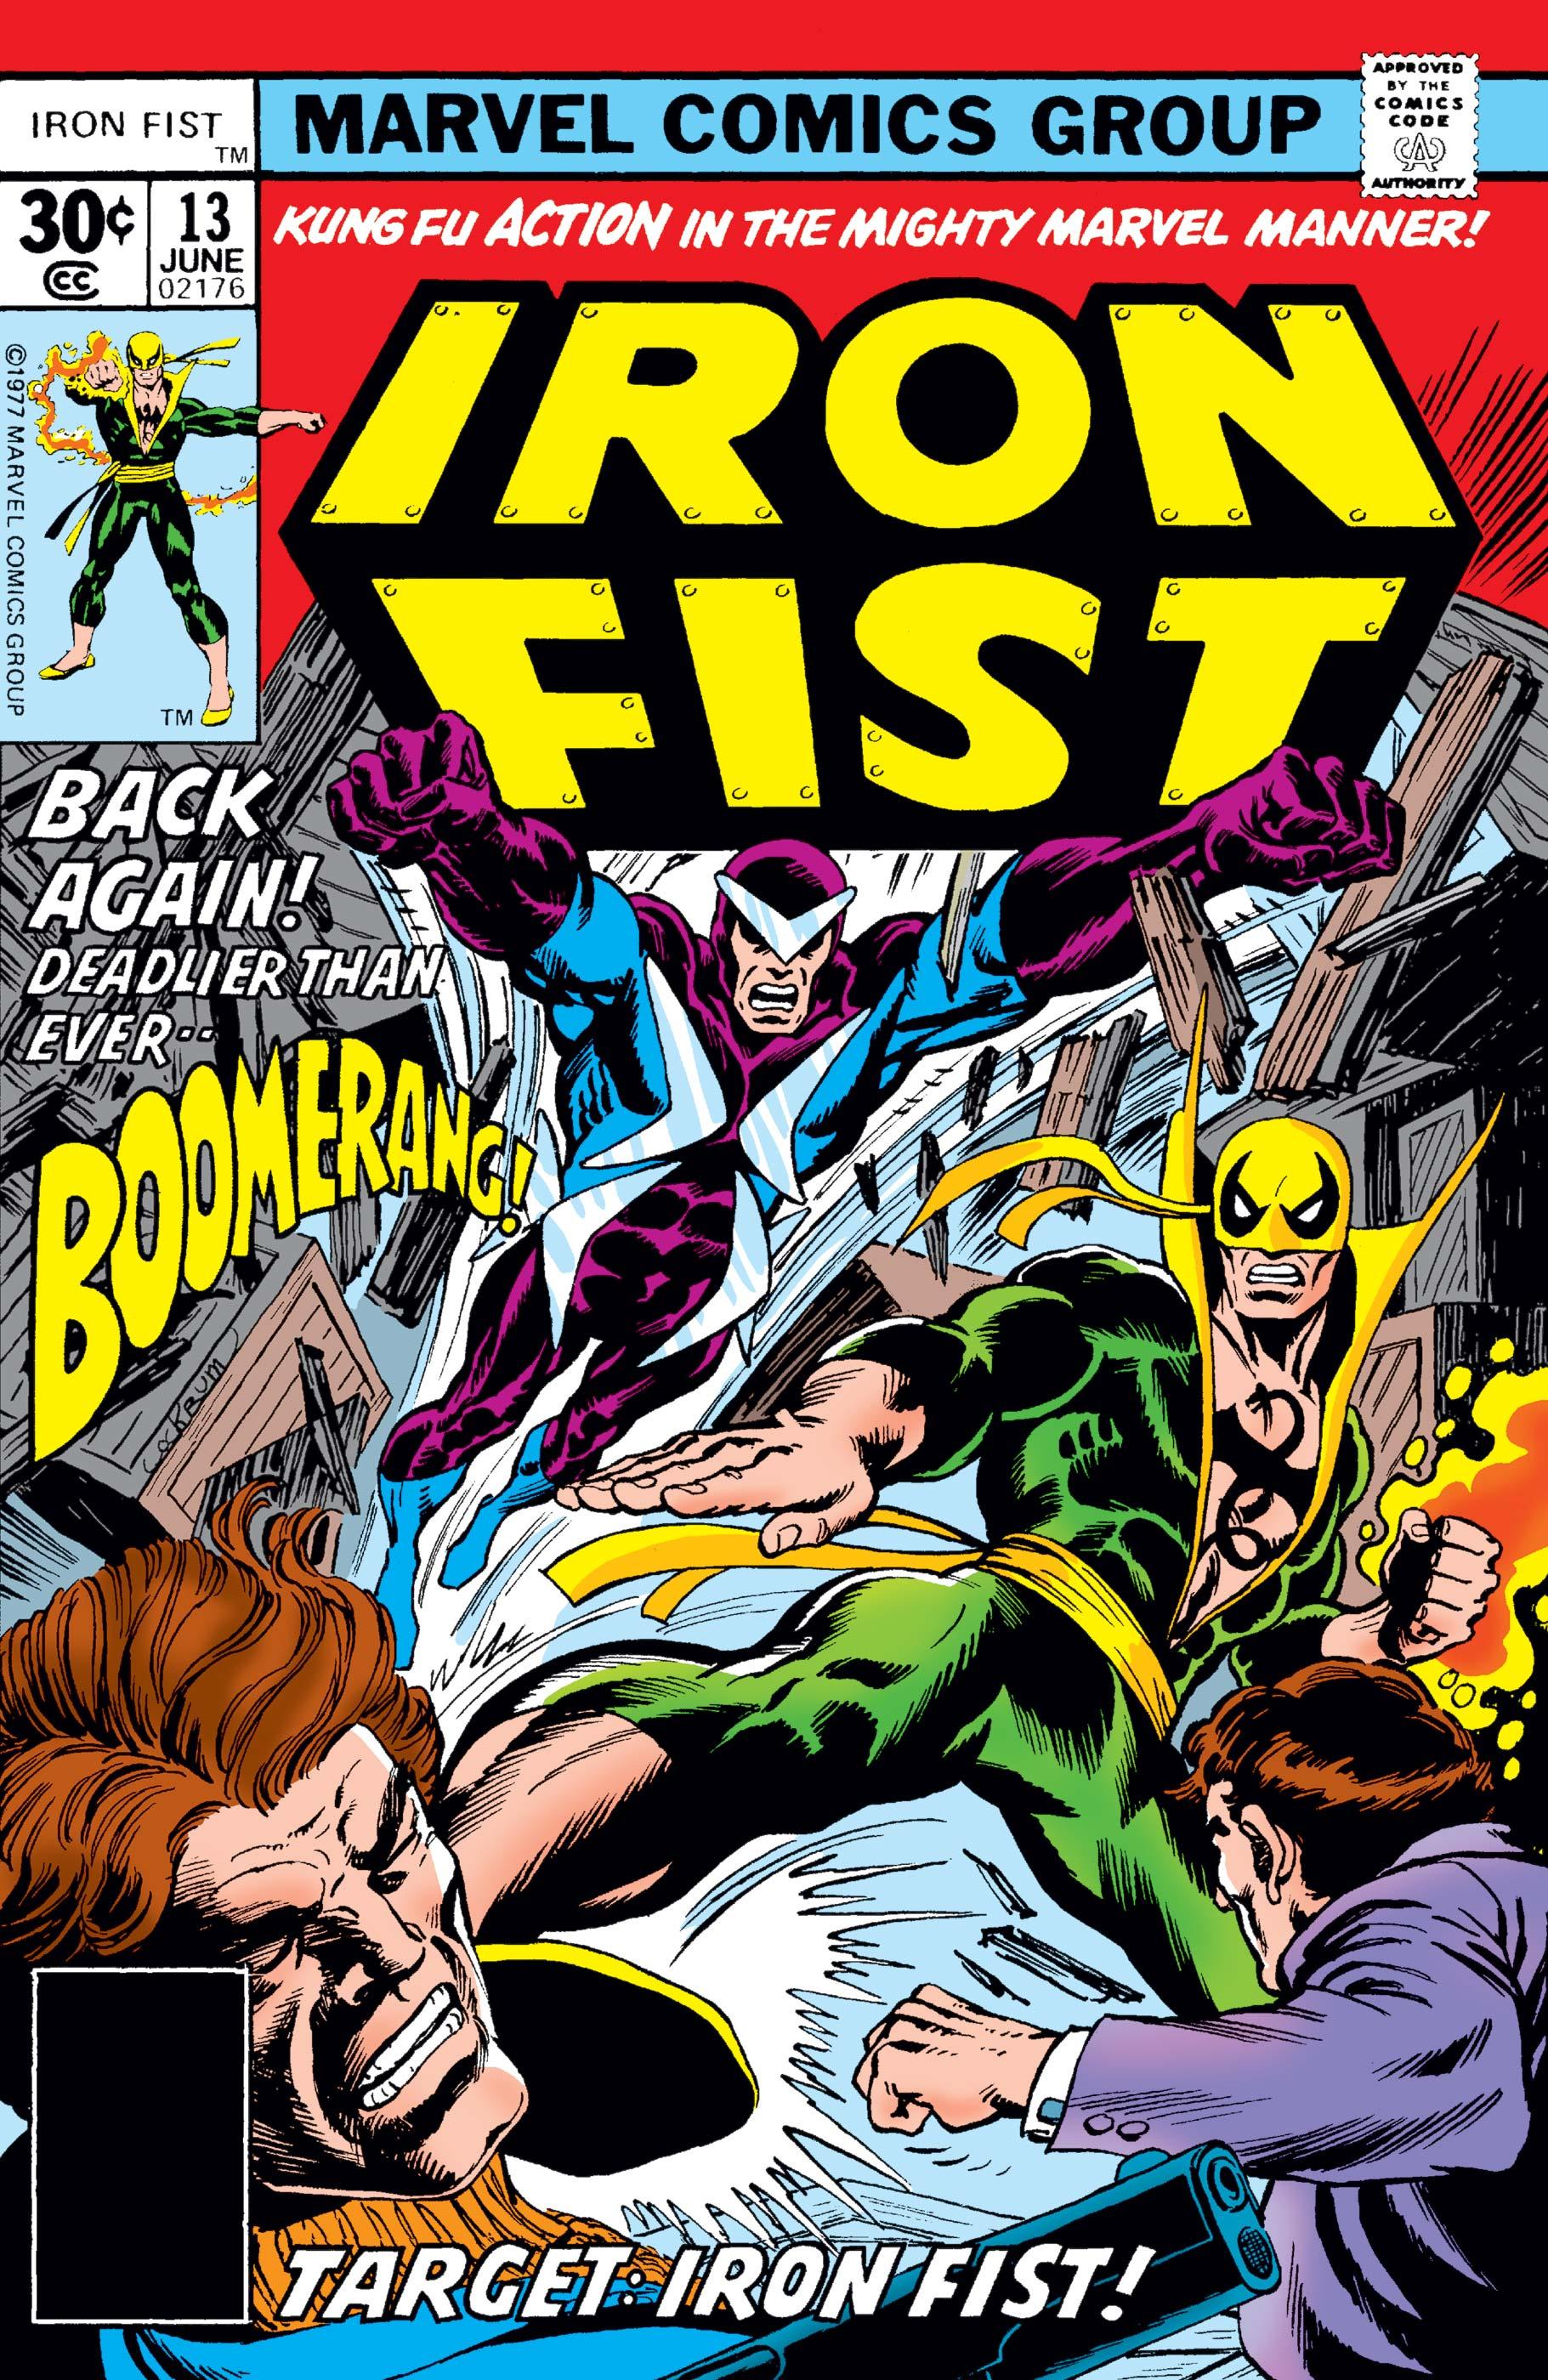 Iron Fist (1975) #13